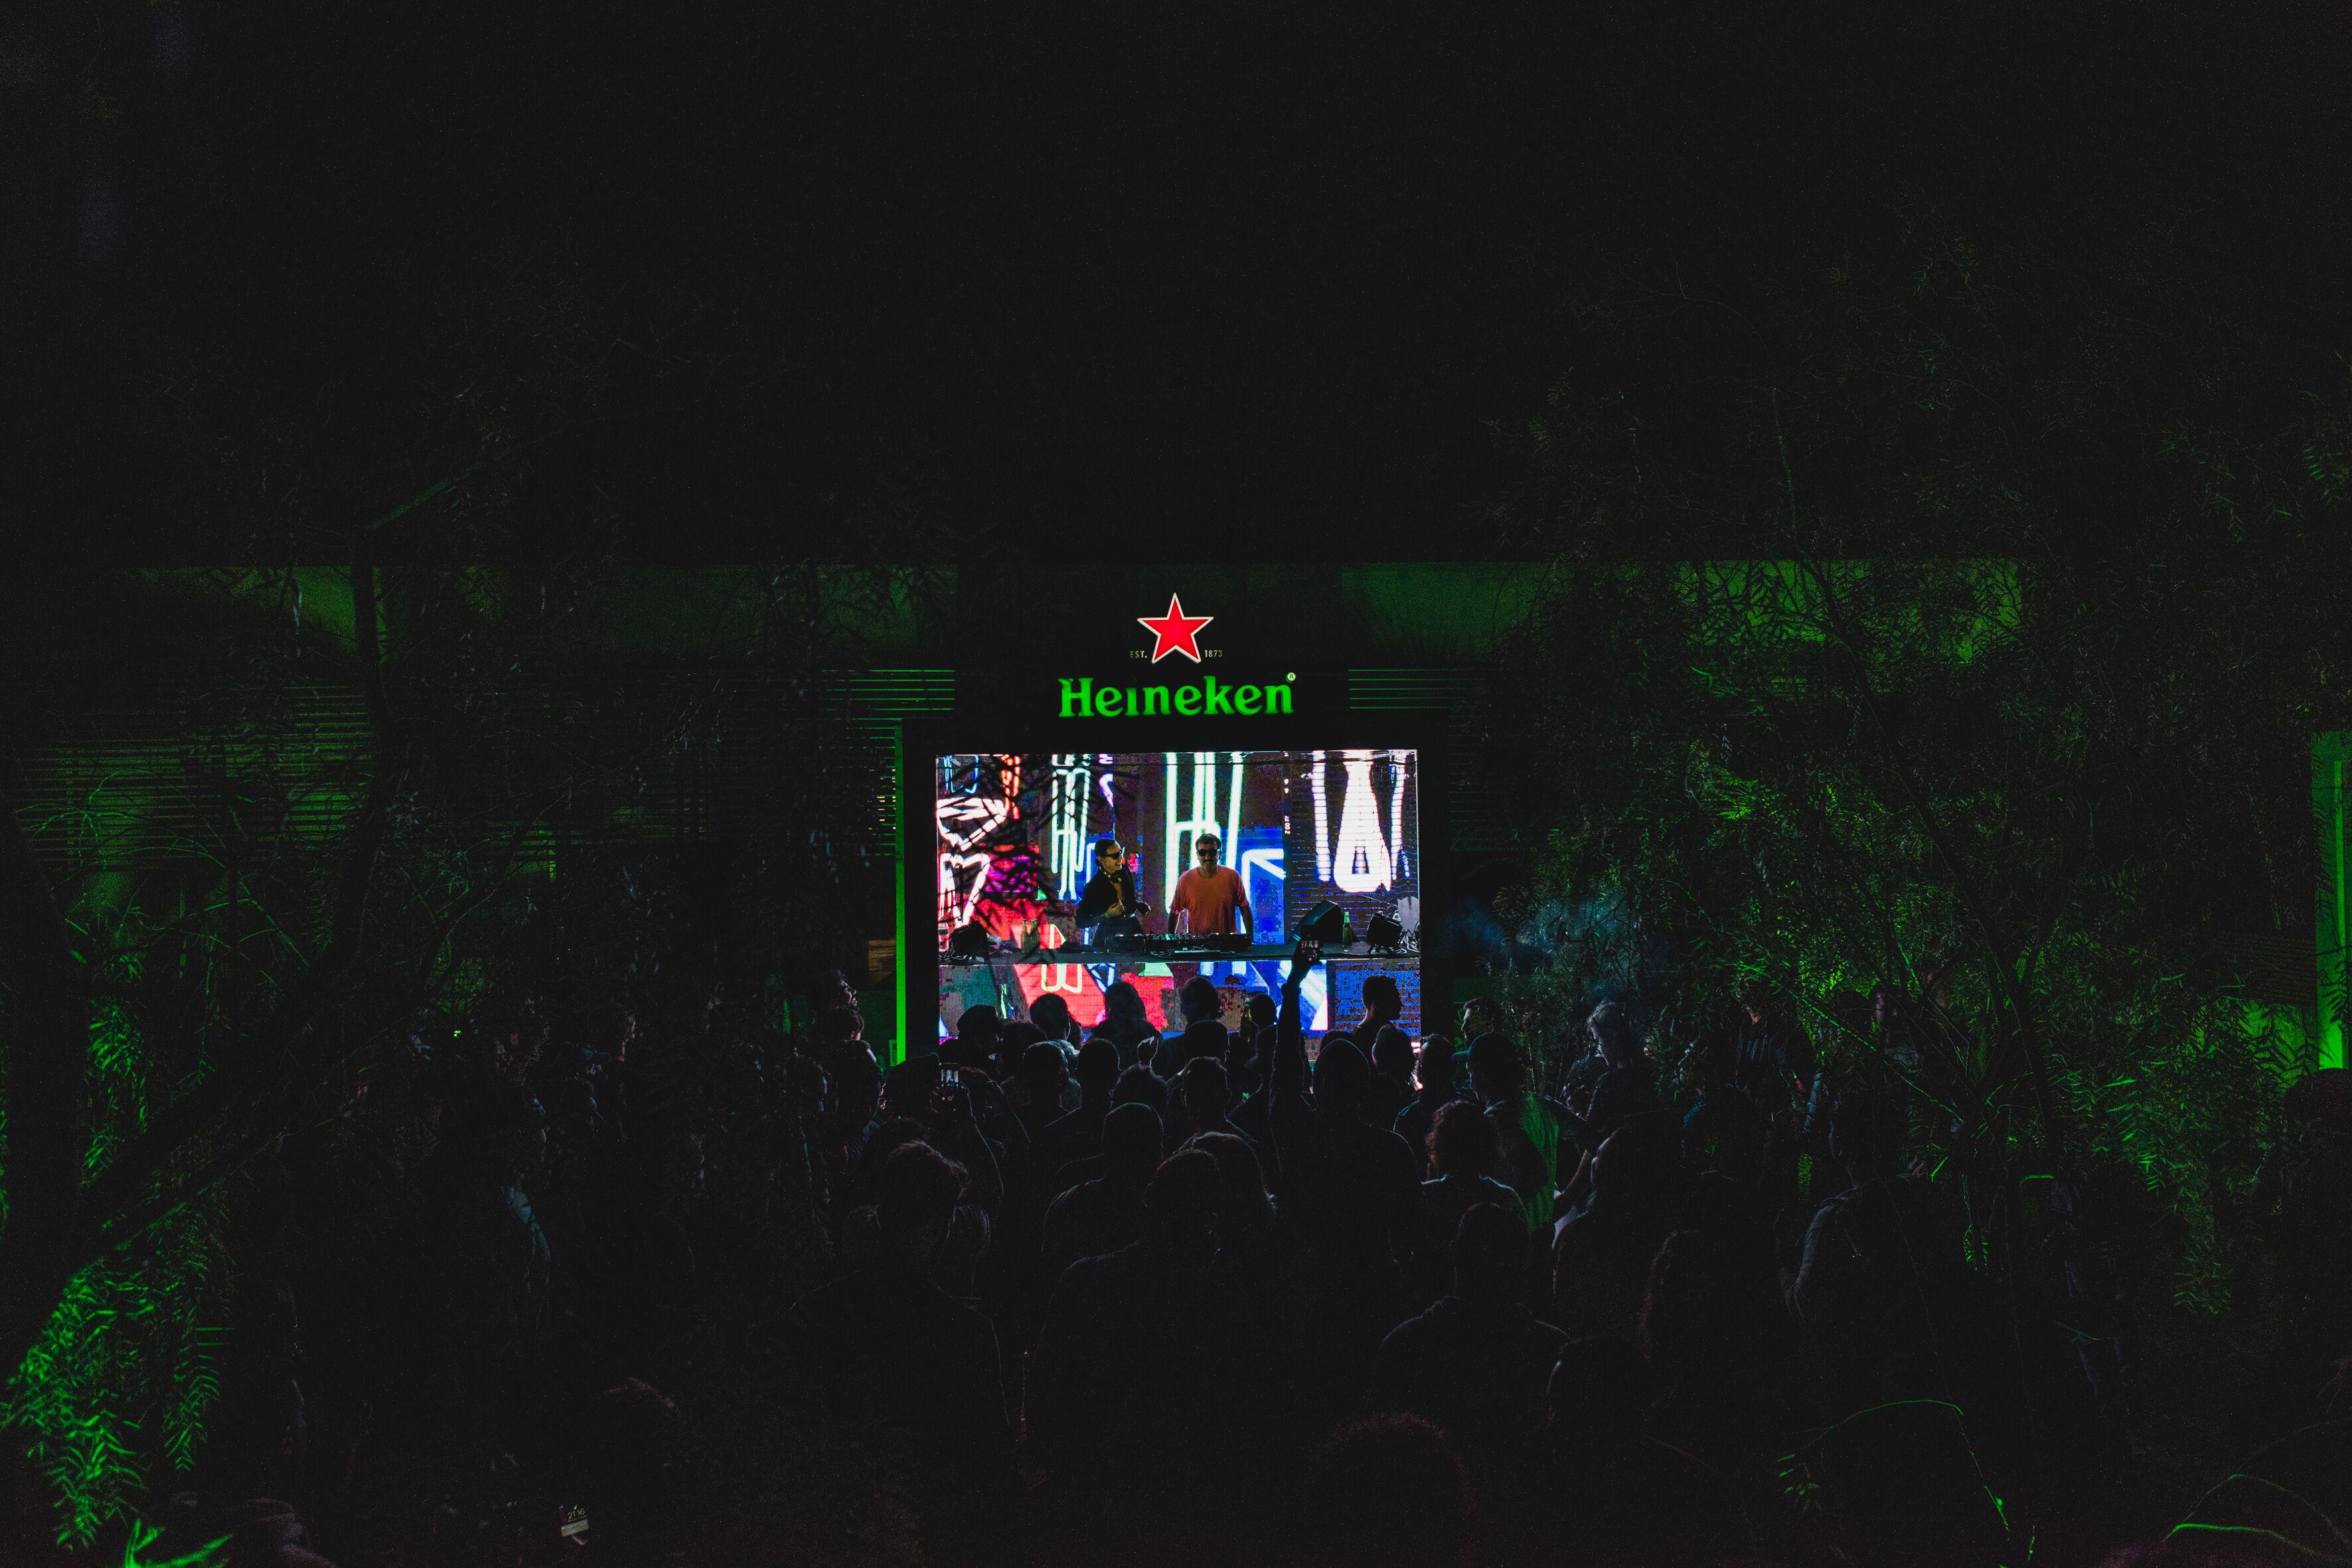 Palco Heineken reúne apresentações com música e projeções no telão (Henrique Thoms/Divulgação)